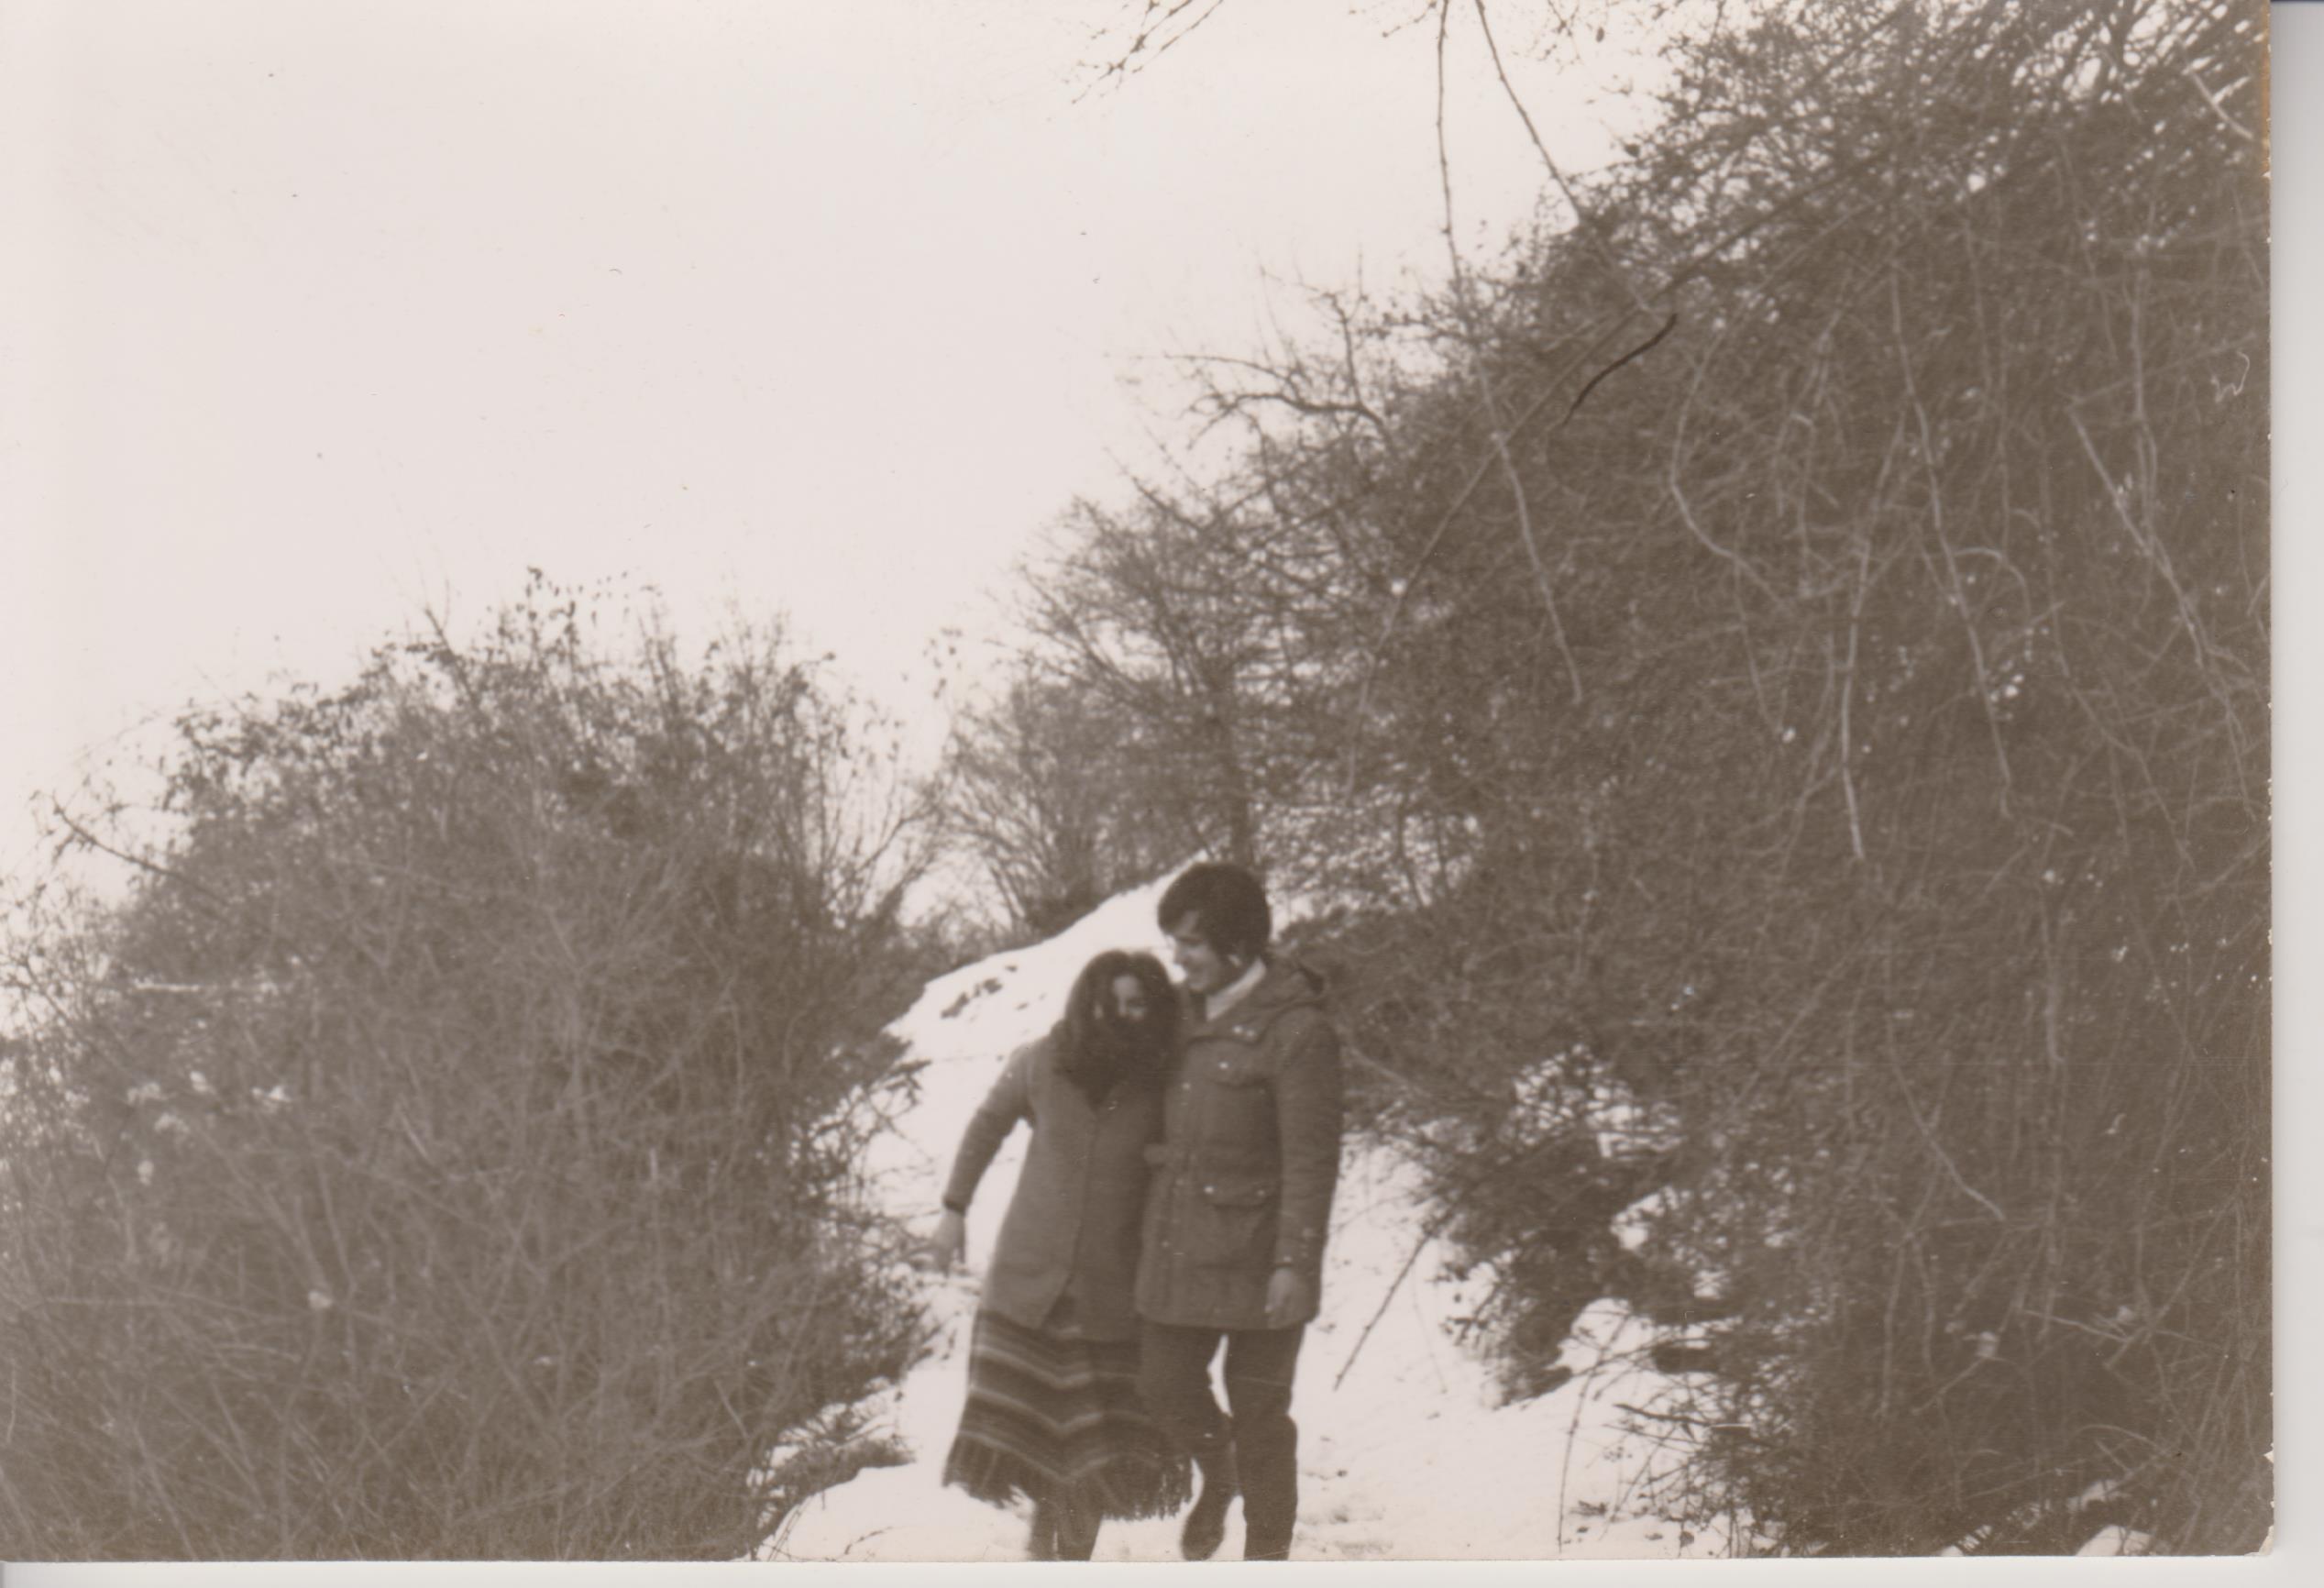 1971 - Χριστούγεννα στη Φλώρινα. Γ. Αικατερινάρης